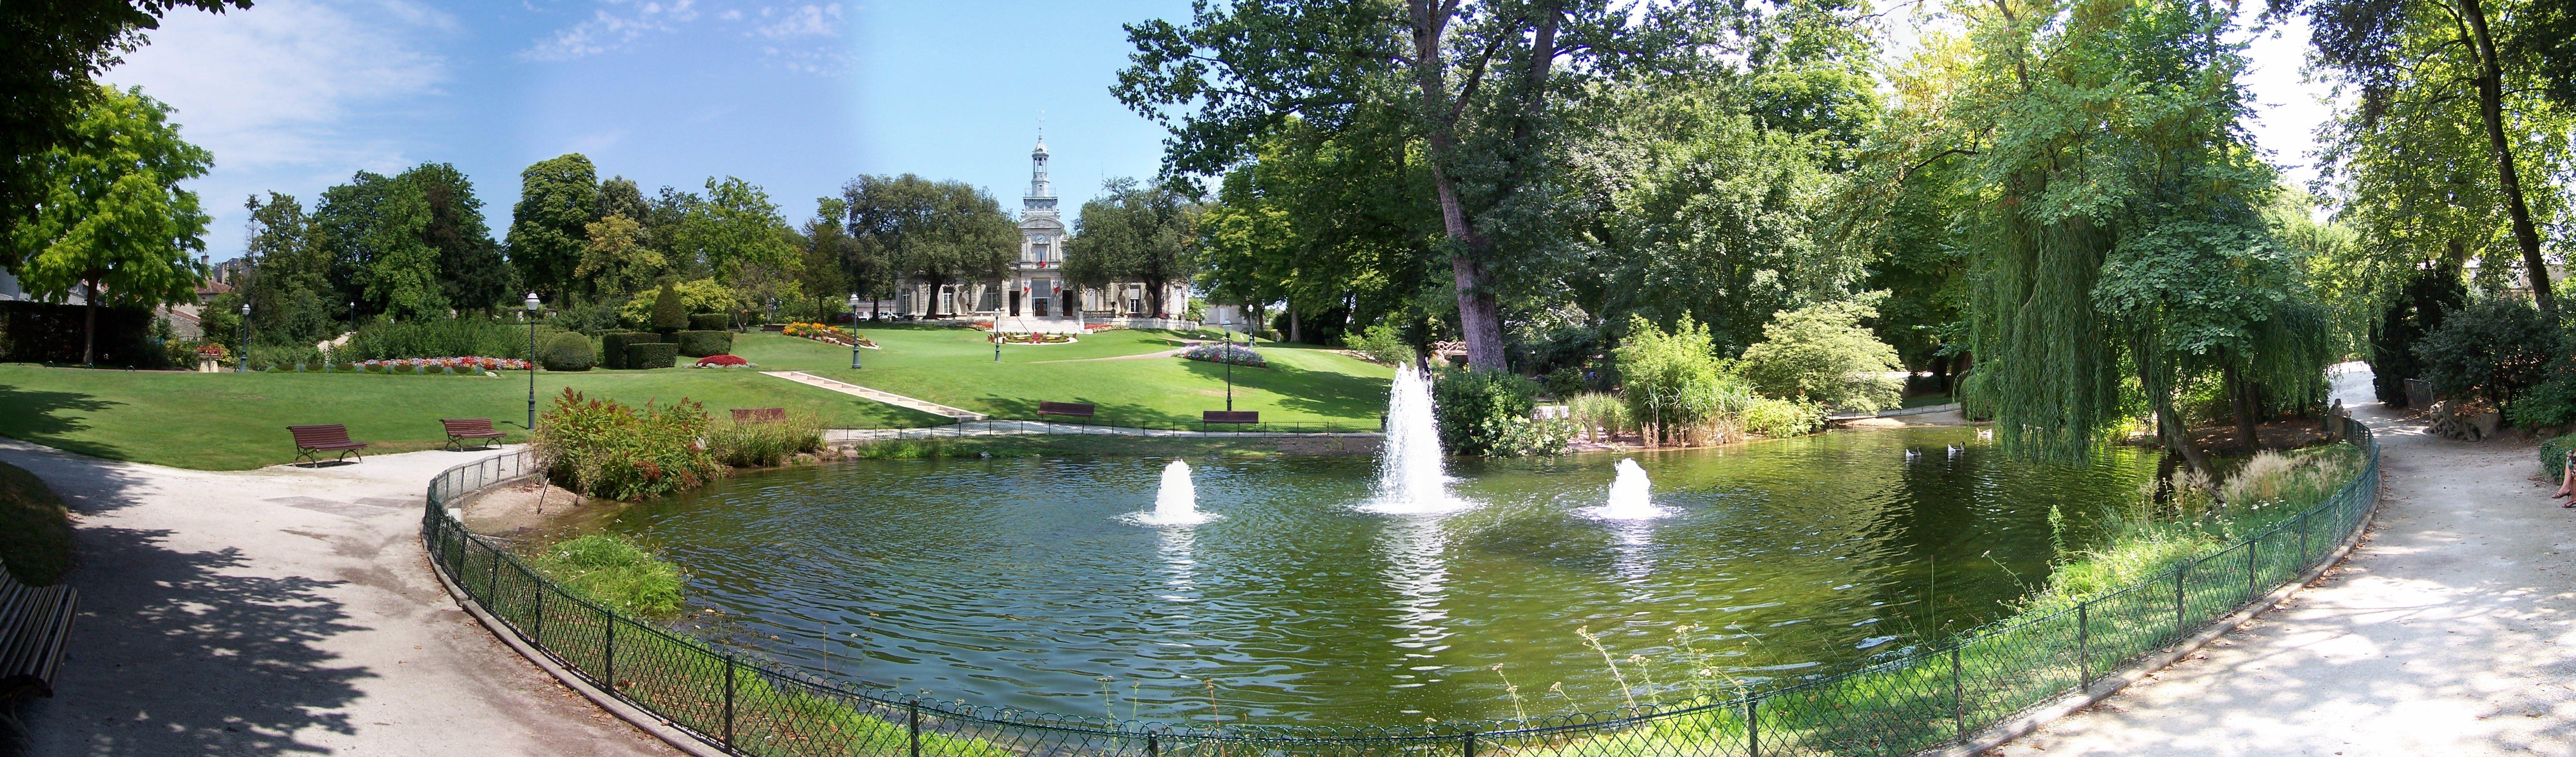 file panoramique du parc de l 39 hotel de ville de